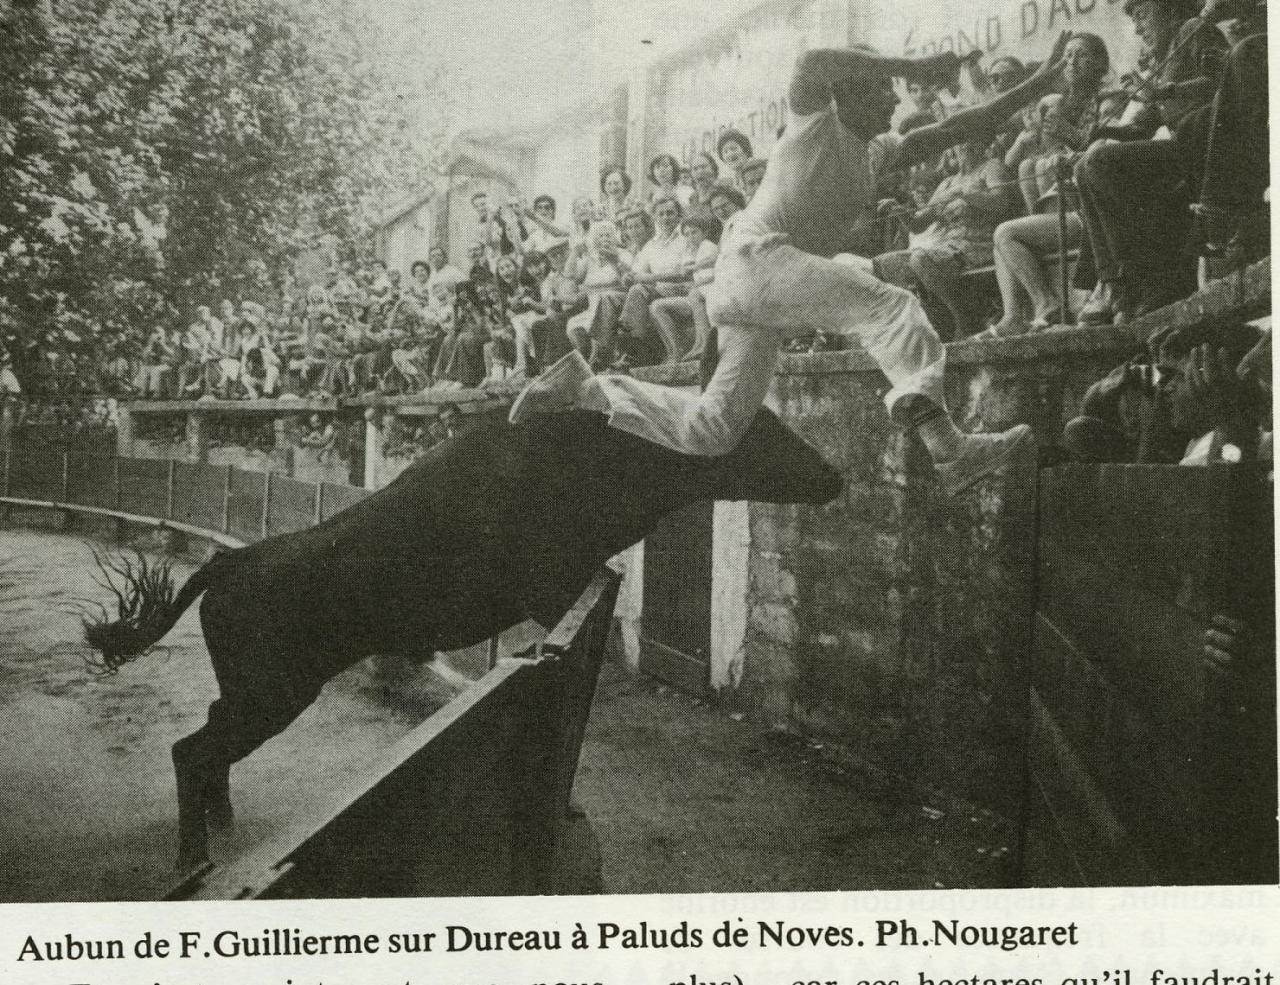 Aubun Guillierme J P Dureau 14_07_1980